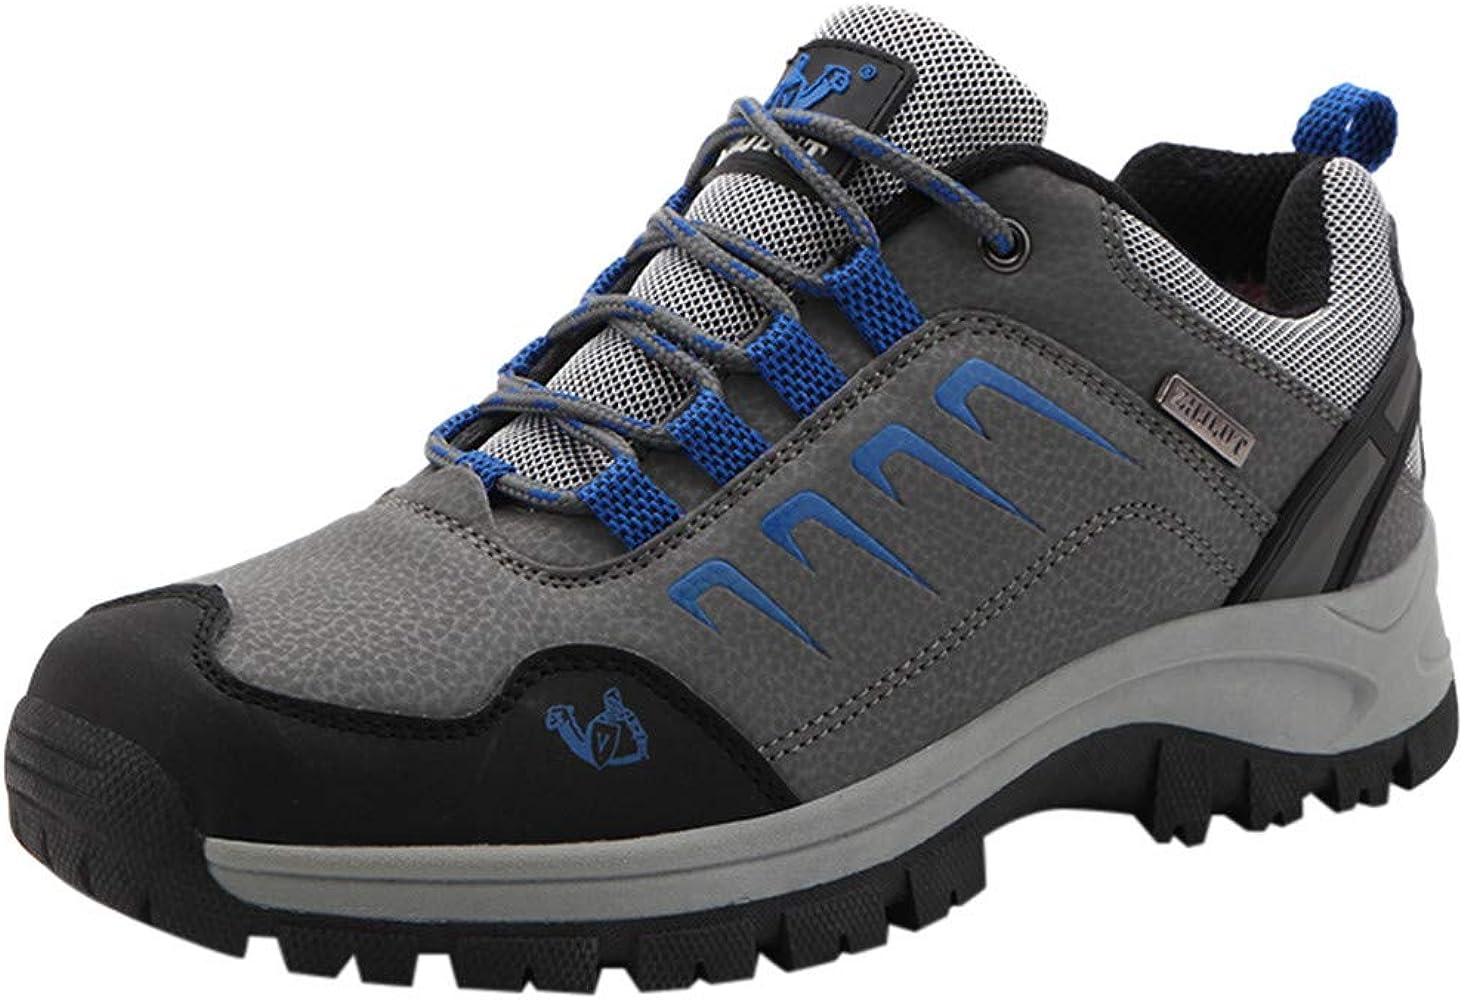 Zapatos de Senderismo Al Aire Libre Ocio Deportes Impermeable ...